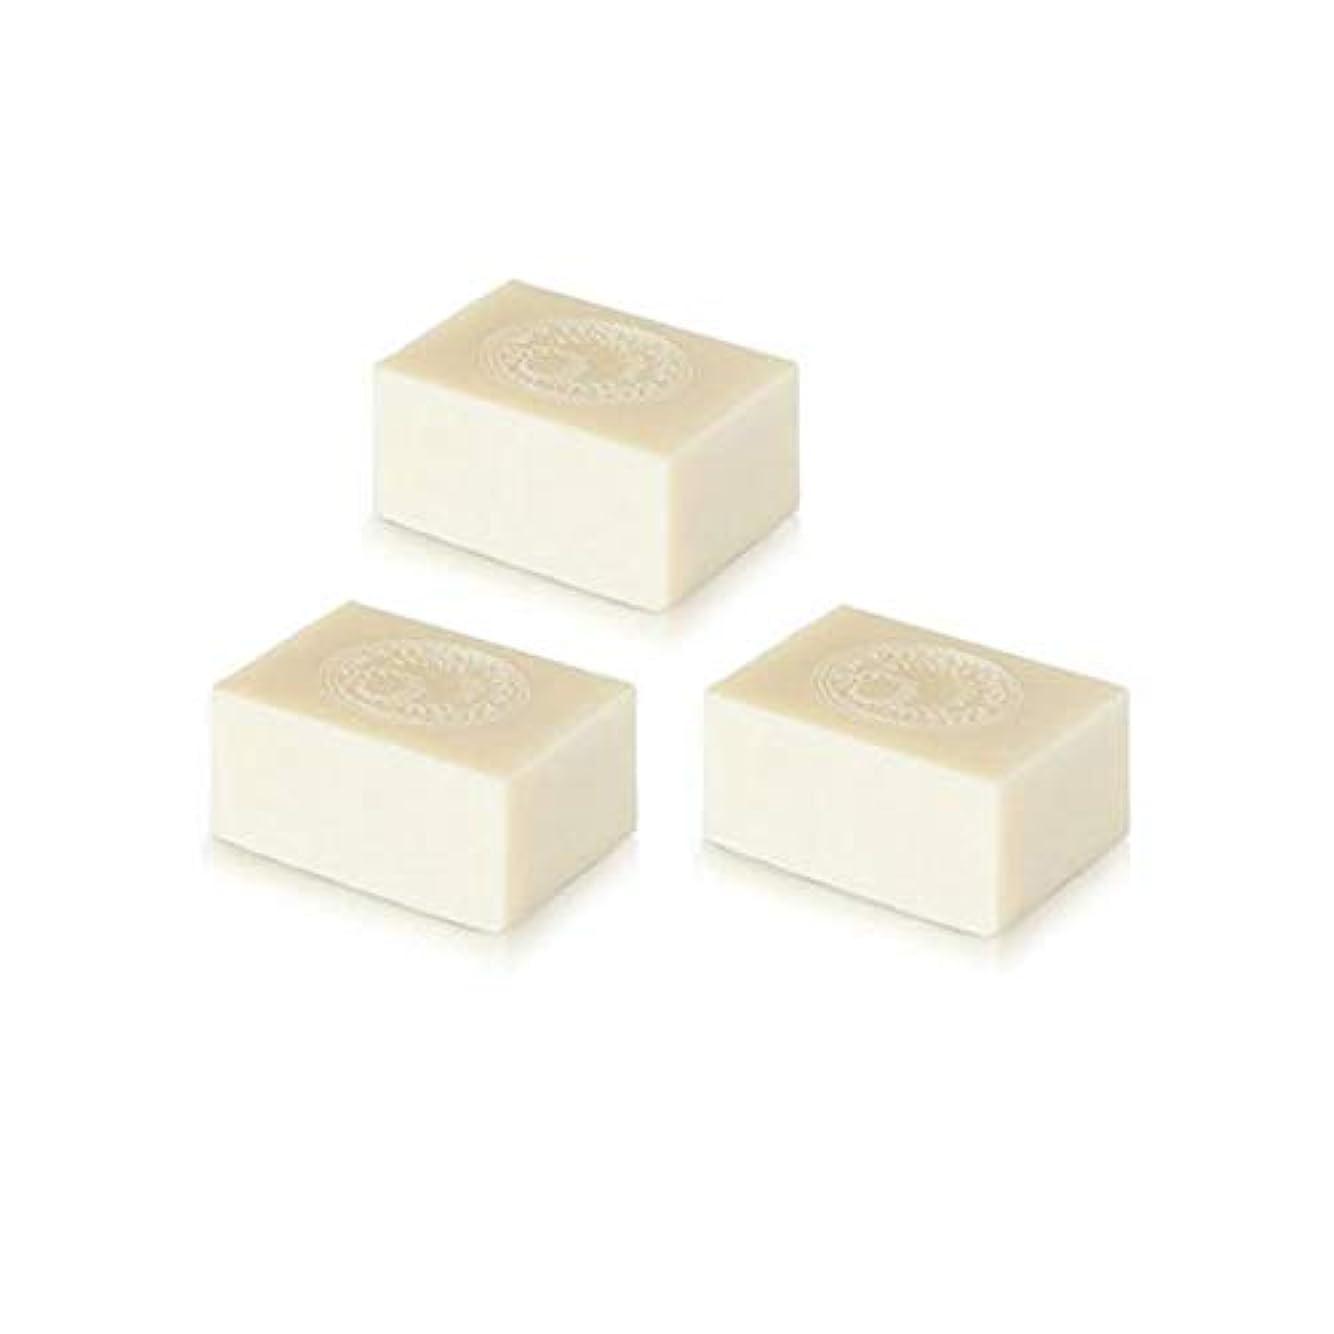 ペグがっかりする首謀者アルガン石鹸3個セット( 145g ×3個) アルガンオイルの完全無添加石鹸